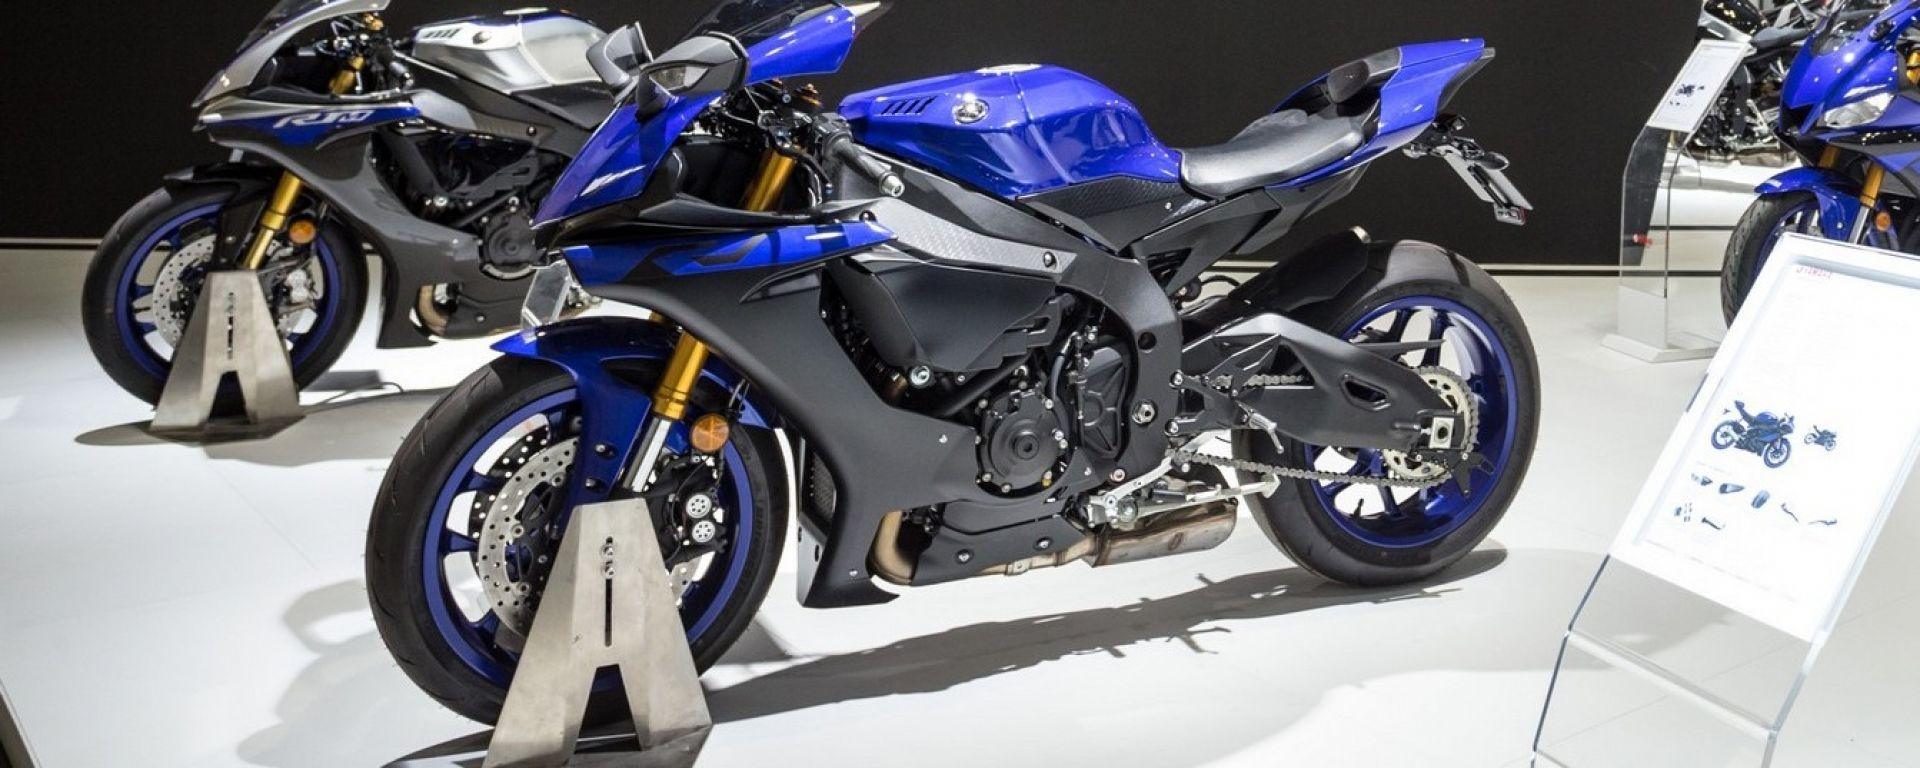 Yamaha R3 2019: stile R1, prestazioni e ciclistica migliorate